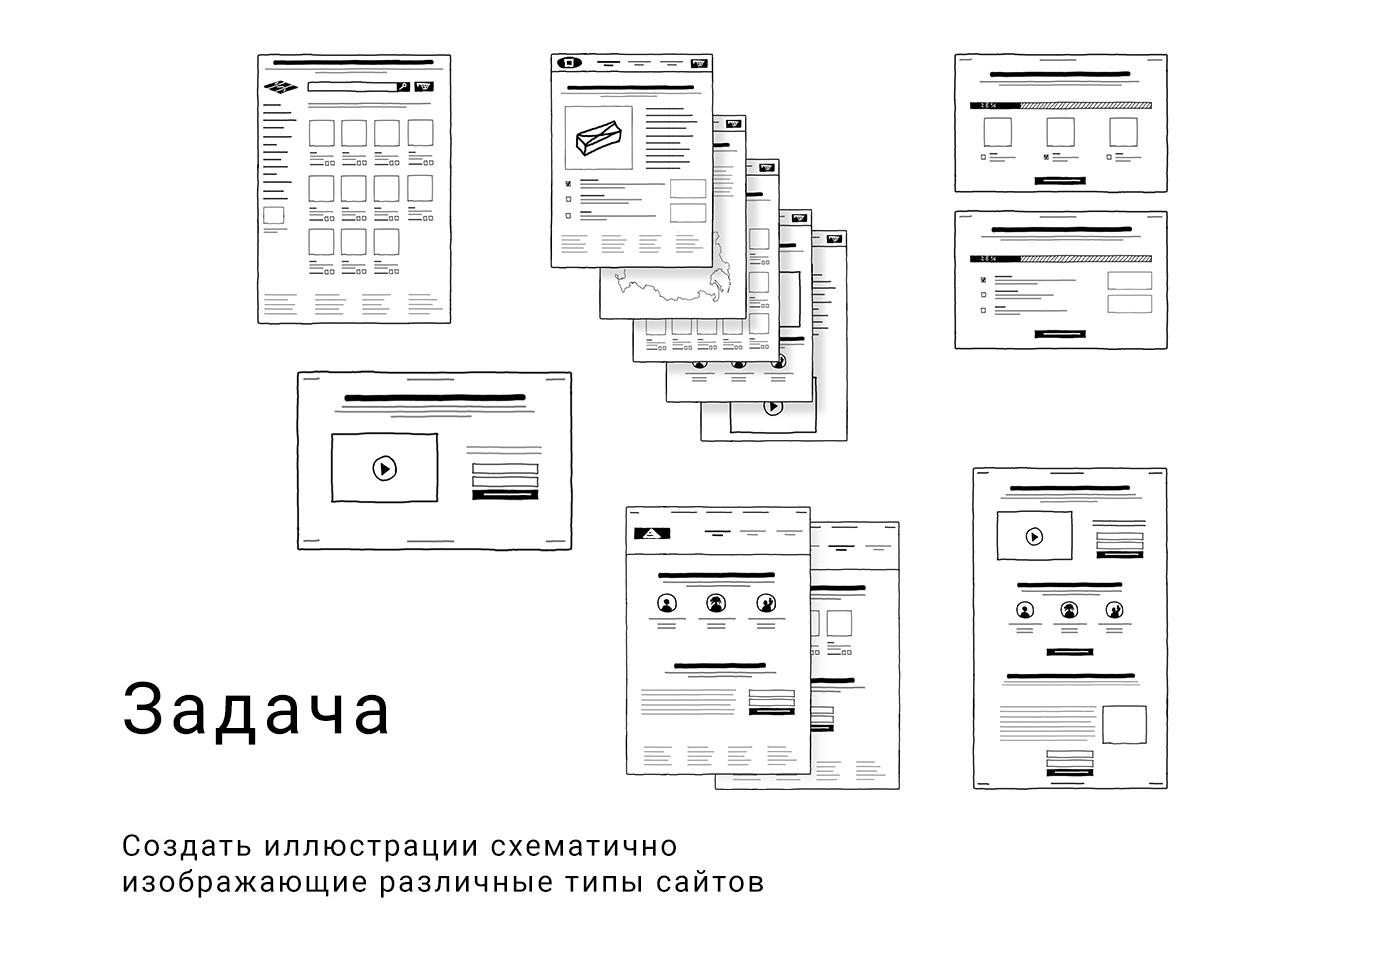 «Типы сайтов» – имитация карандашного рисунка